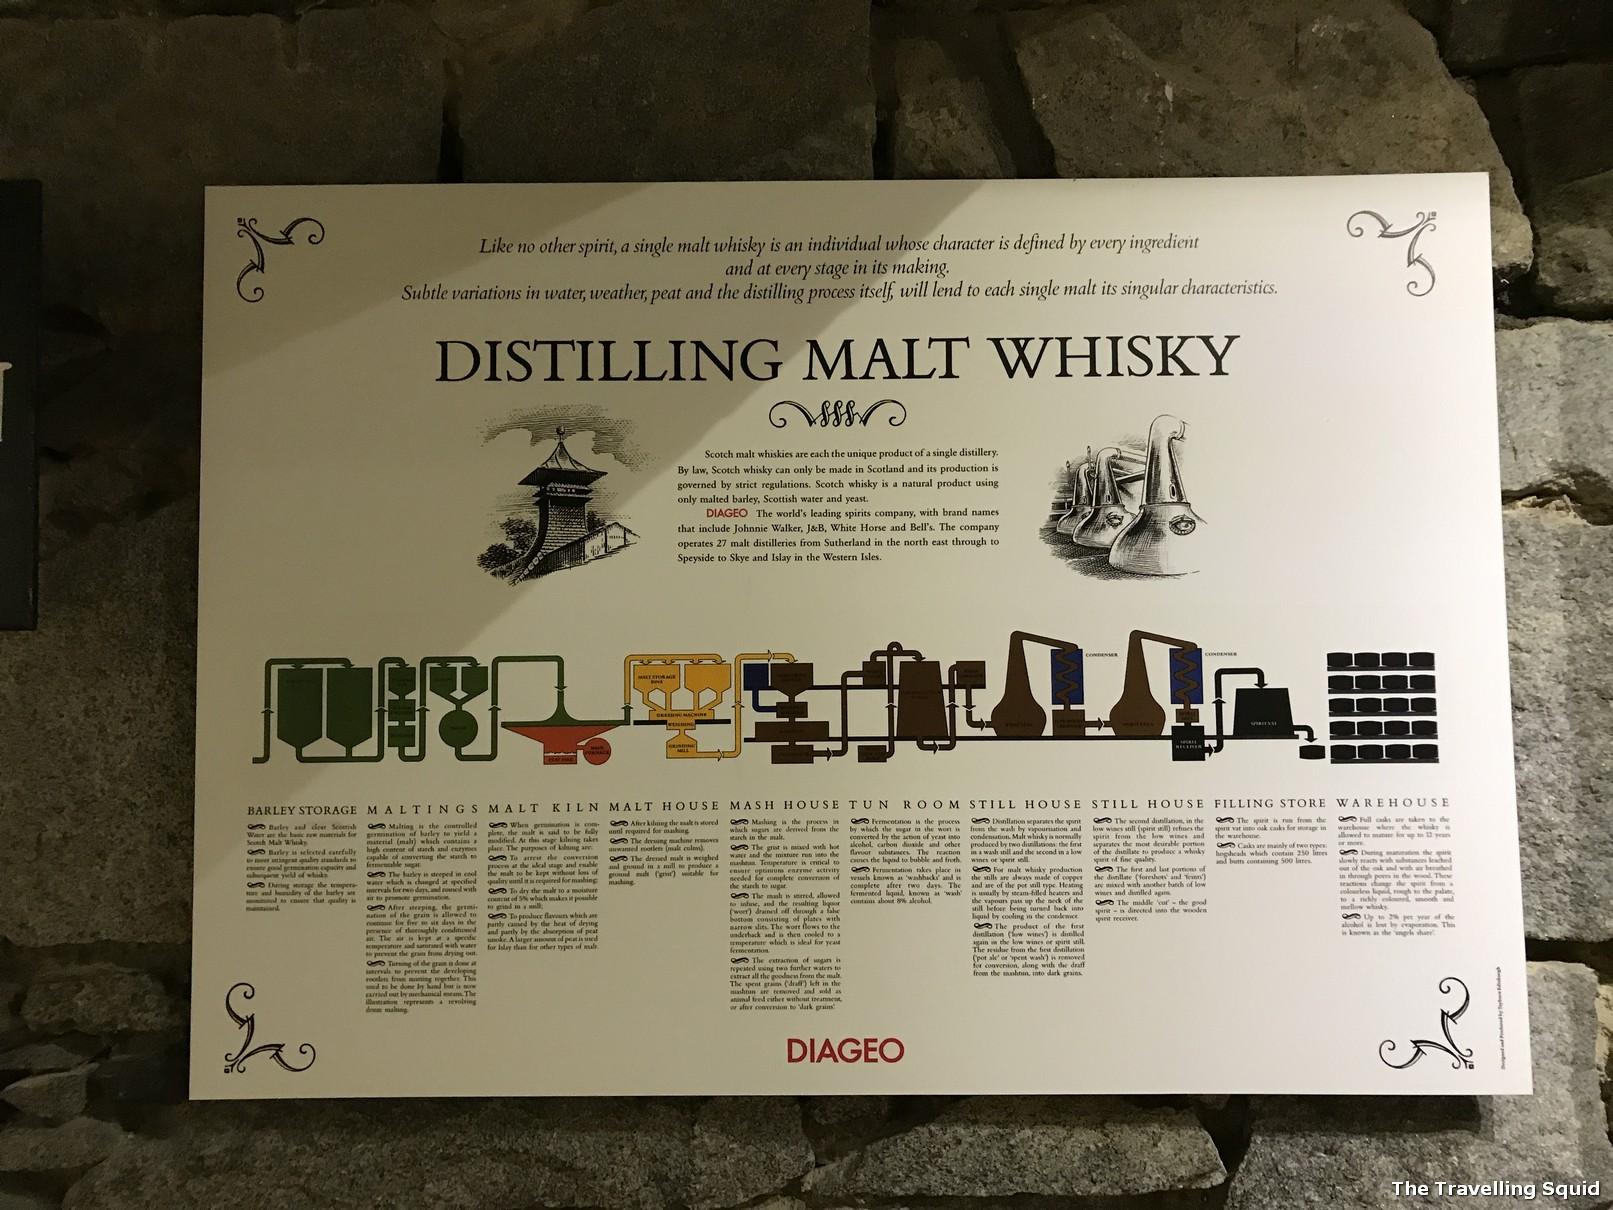 oban whisky making process